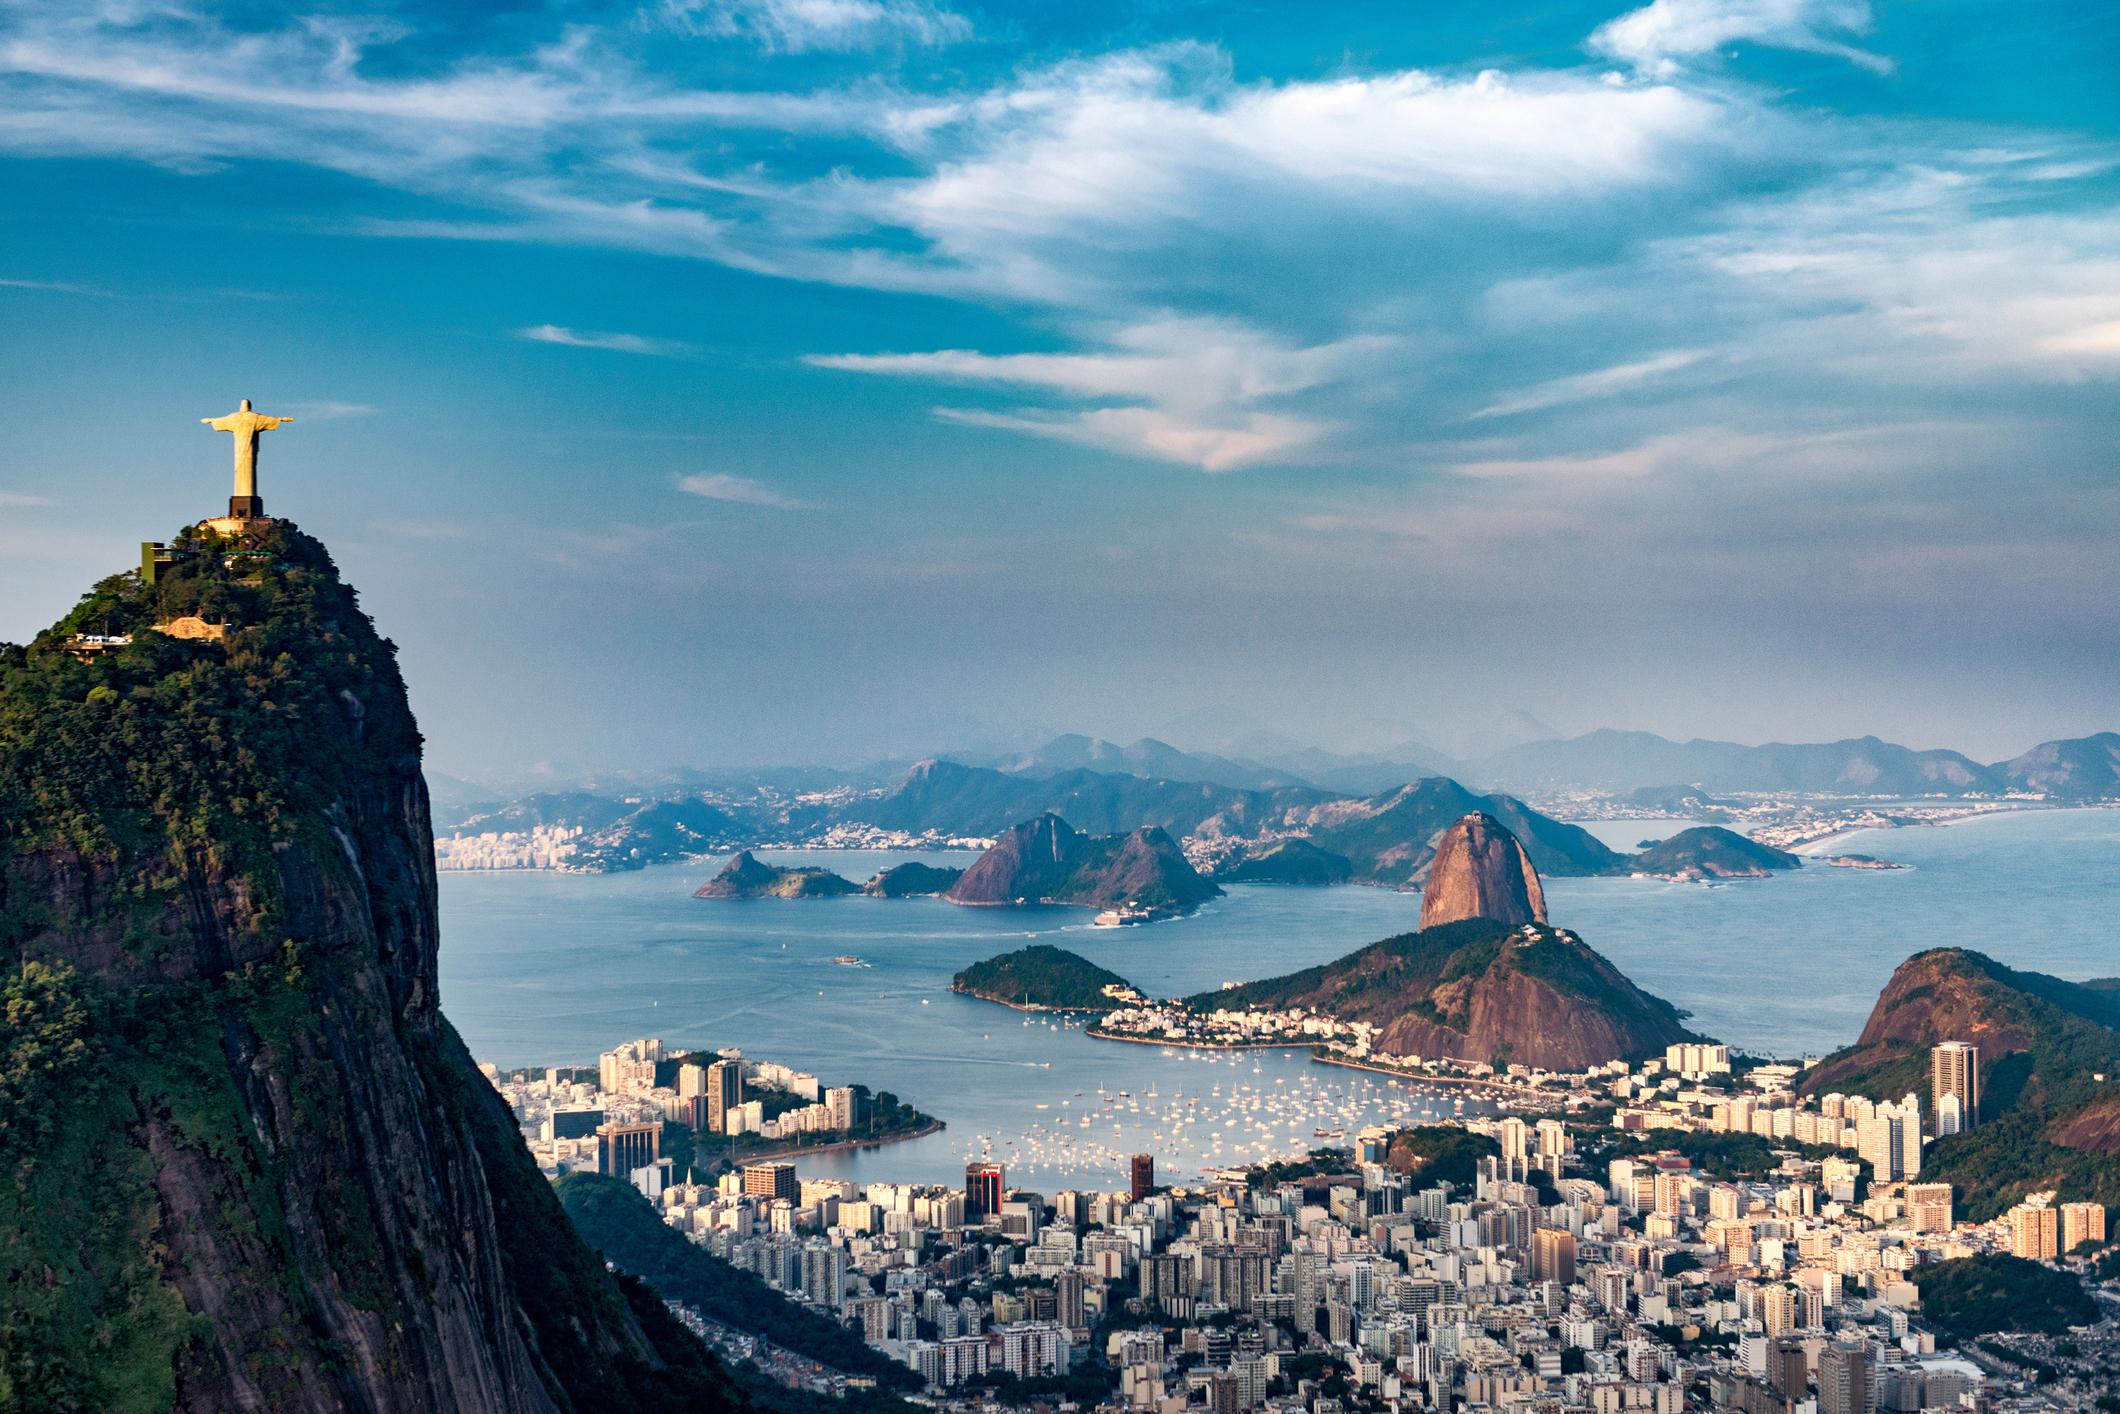 Rio de Janeiro seen from the air